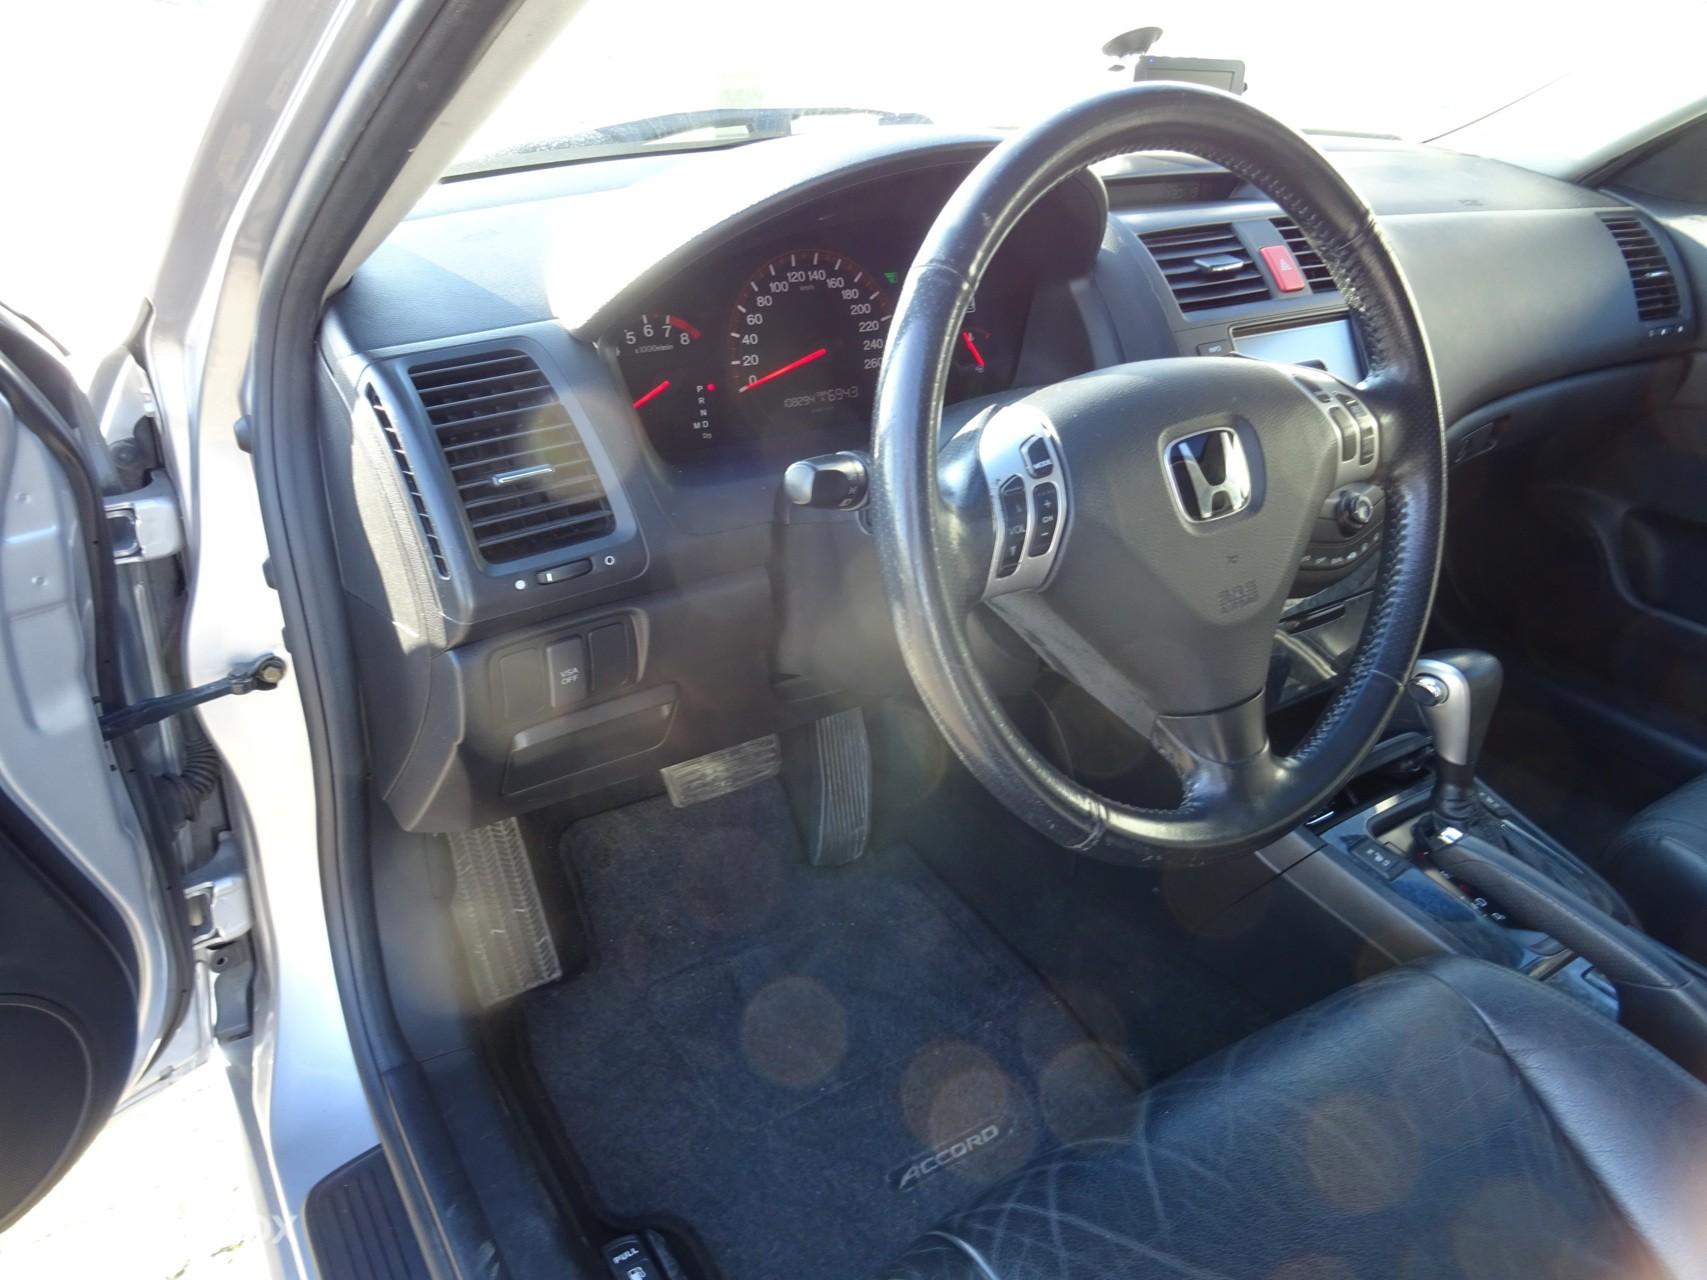 Honda Accord Tourer 2.4i Executive